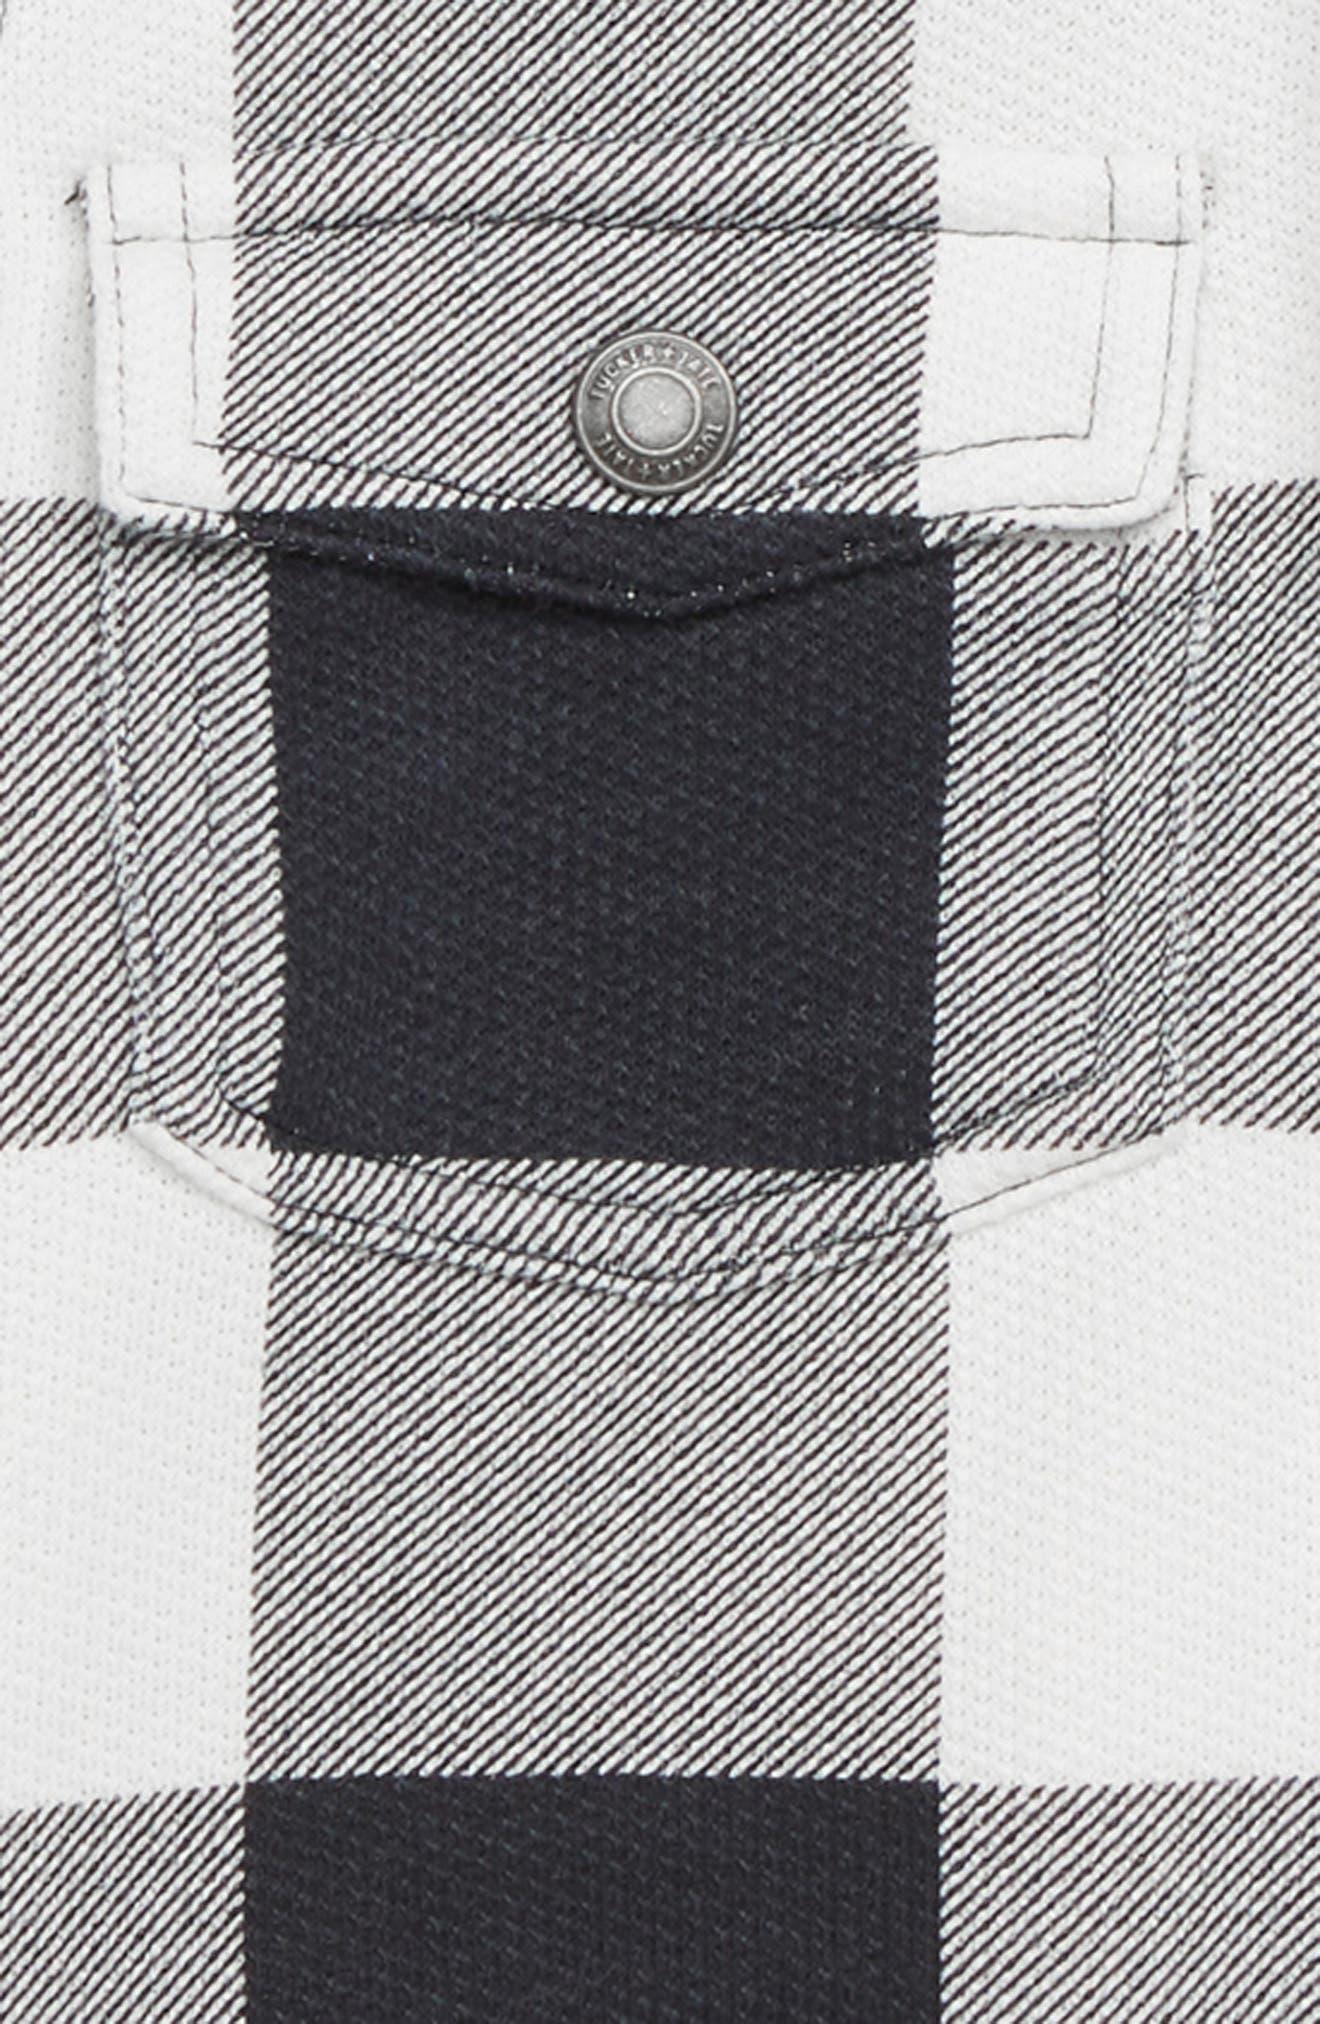 Buffalo Check Hooded Shirt,                             Alternate thumbnail 2, color,                             100